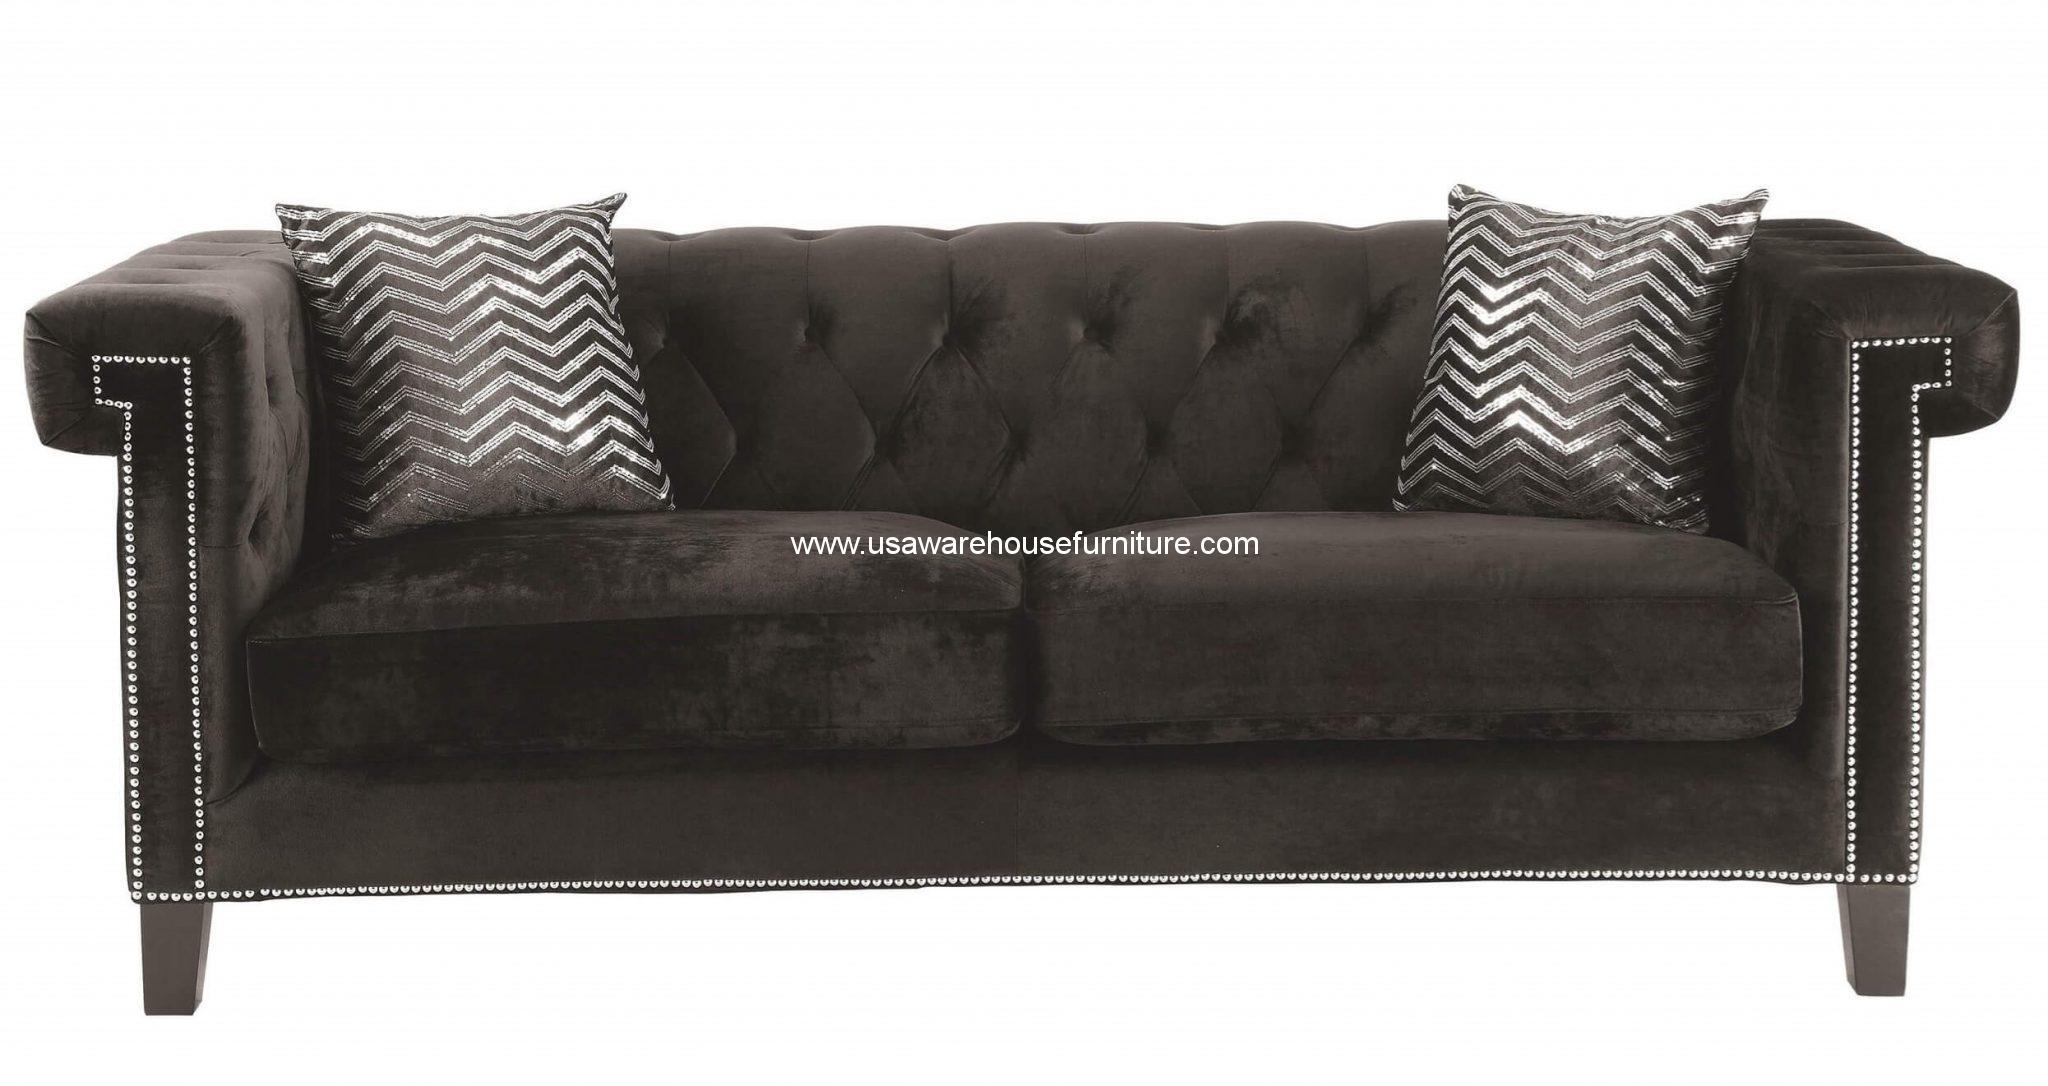 tufted sofa velvet bed uk reventlow button black usa warehouse